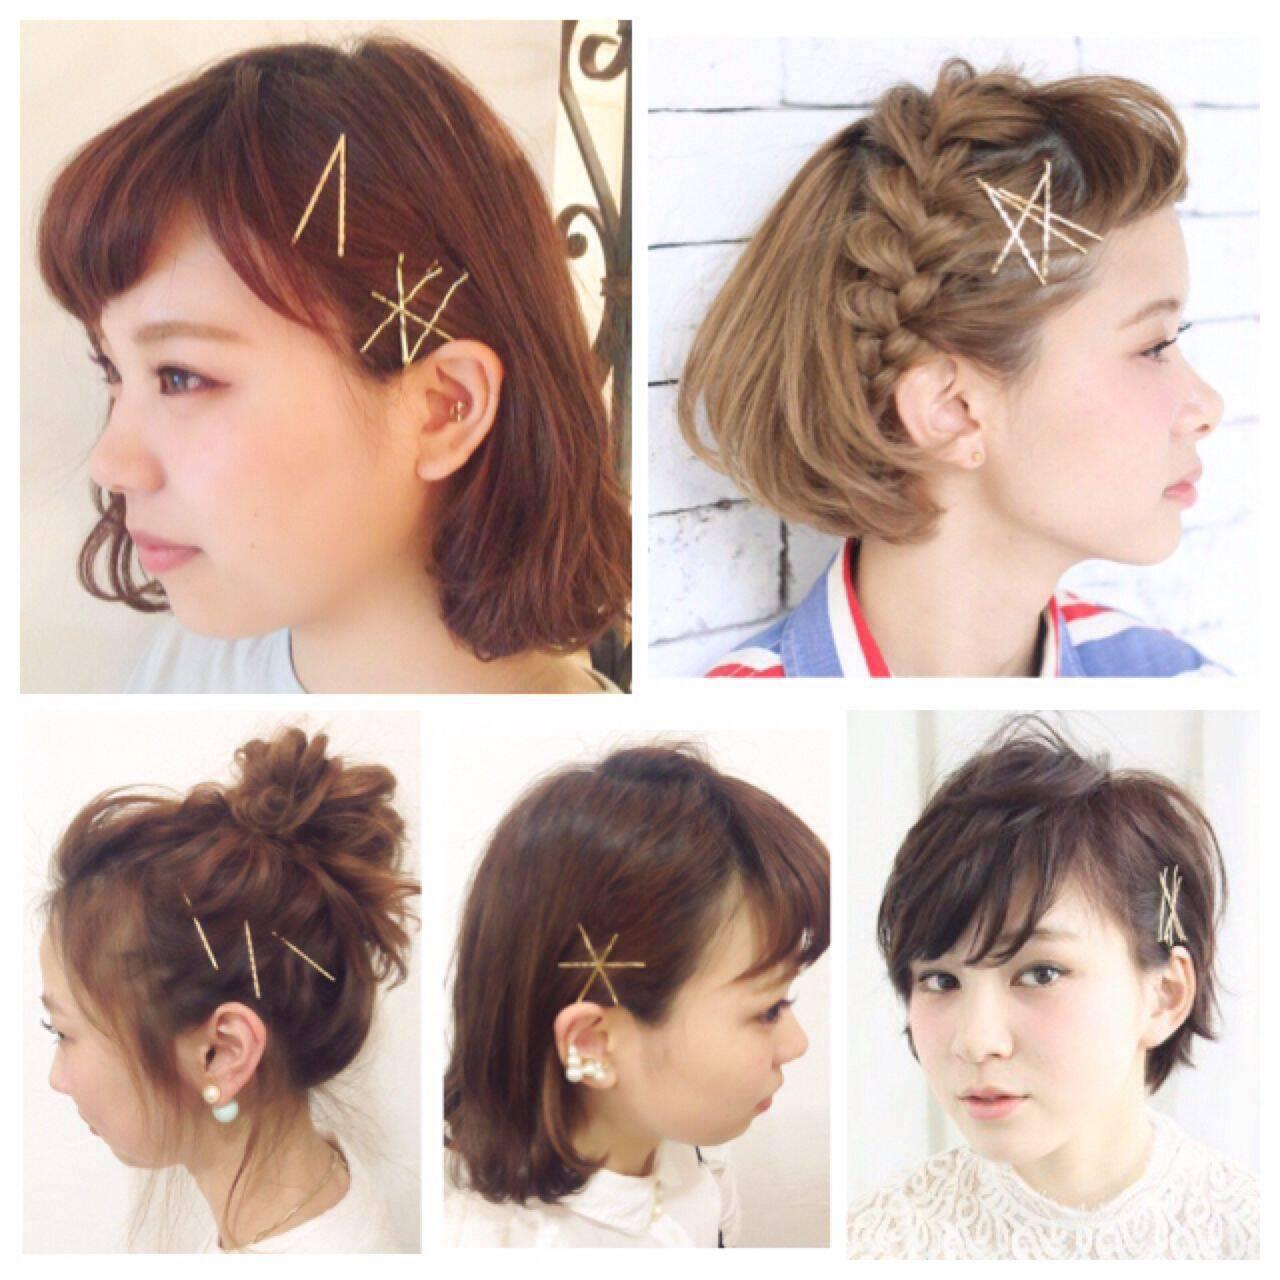 編み込み ヘアピン ヘアアレンジ コンサバヘアスタイルや髪型の写真・画像